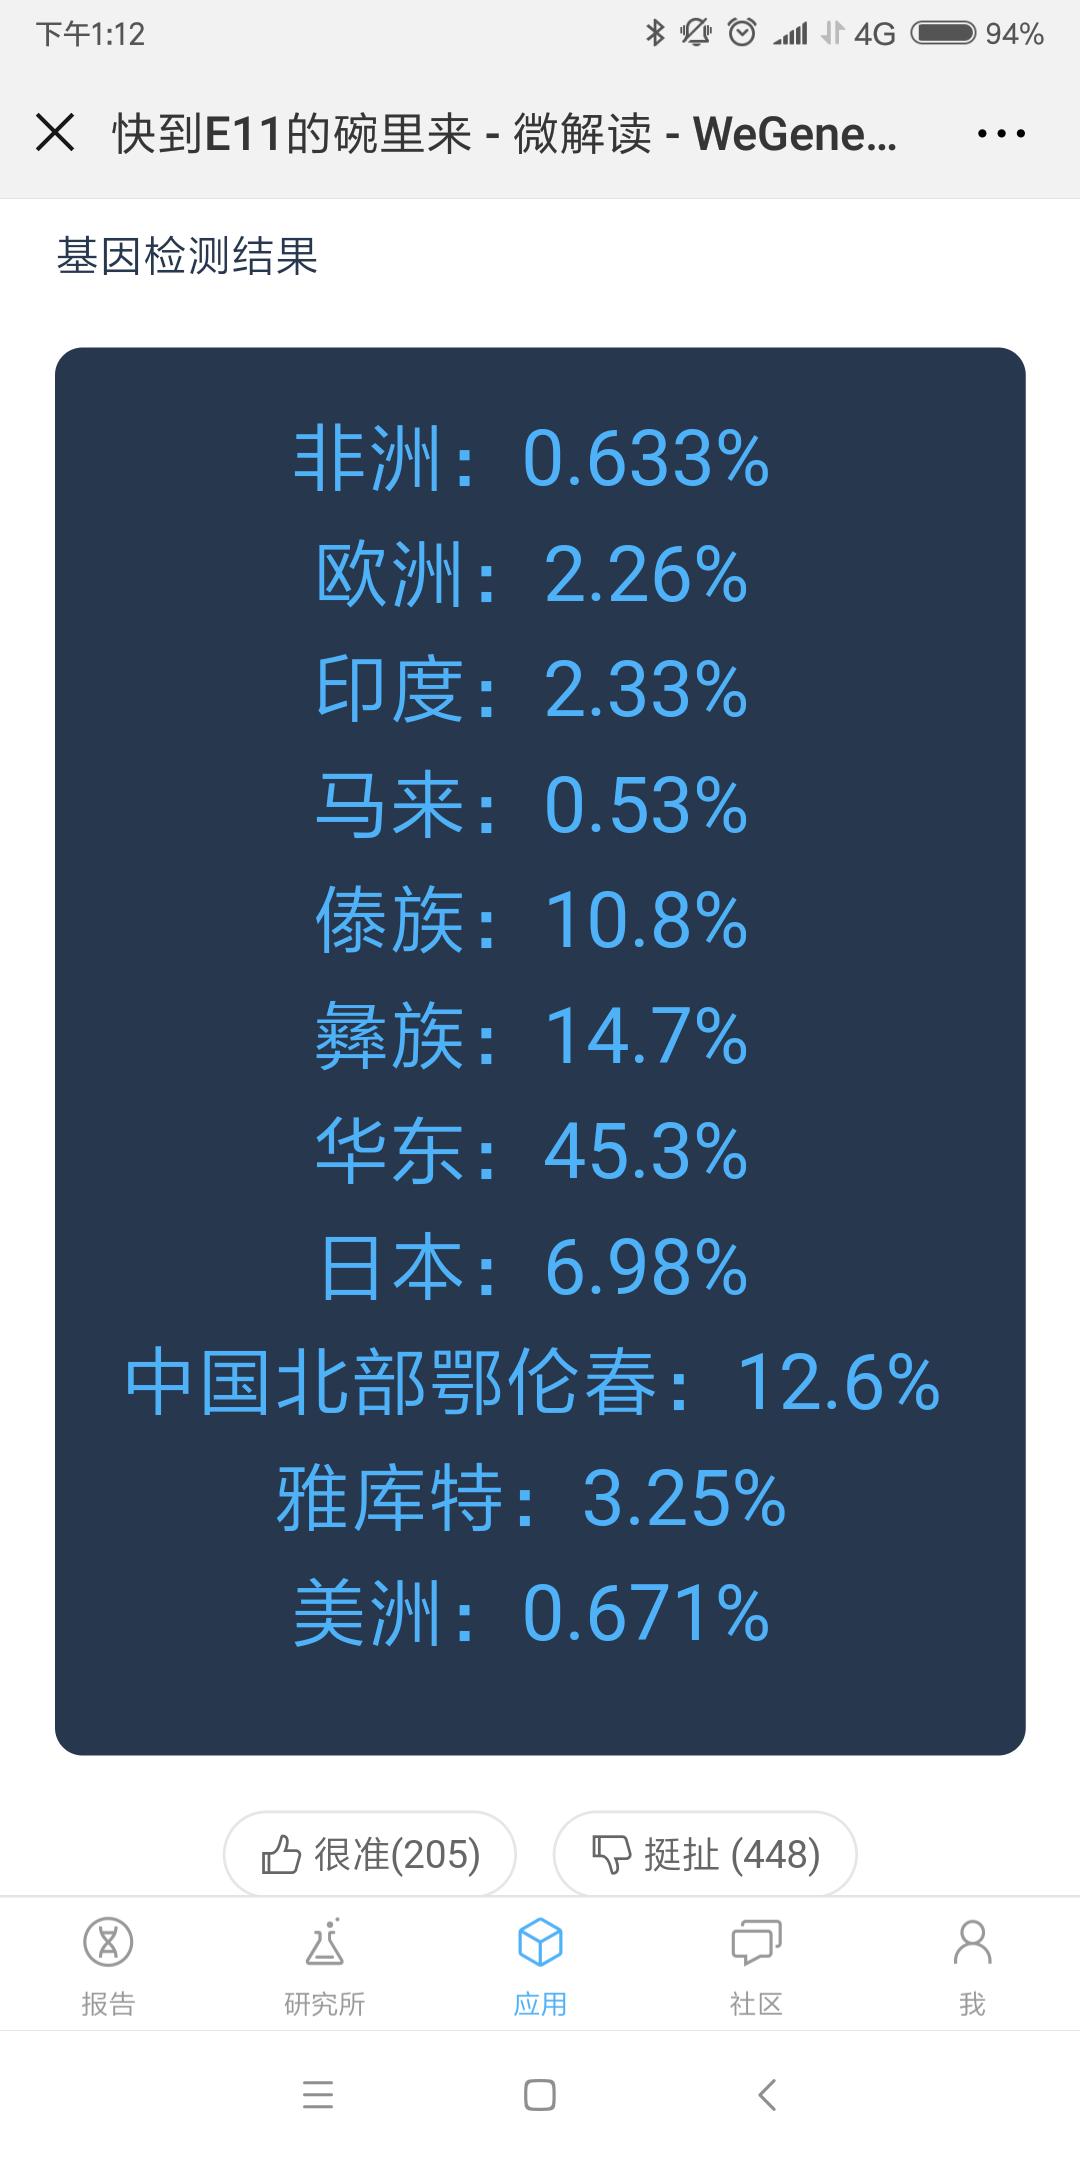 Screenshot_2018-06-28-13-12-51-131_com.tencent_.mm_.png